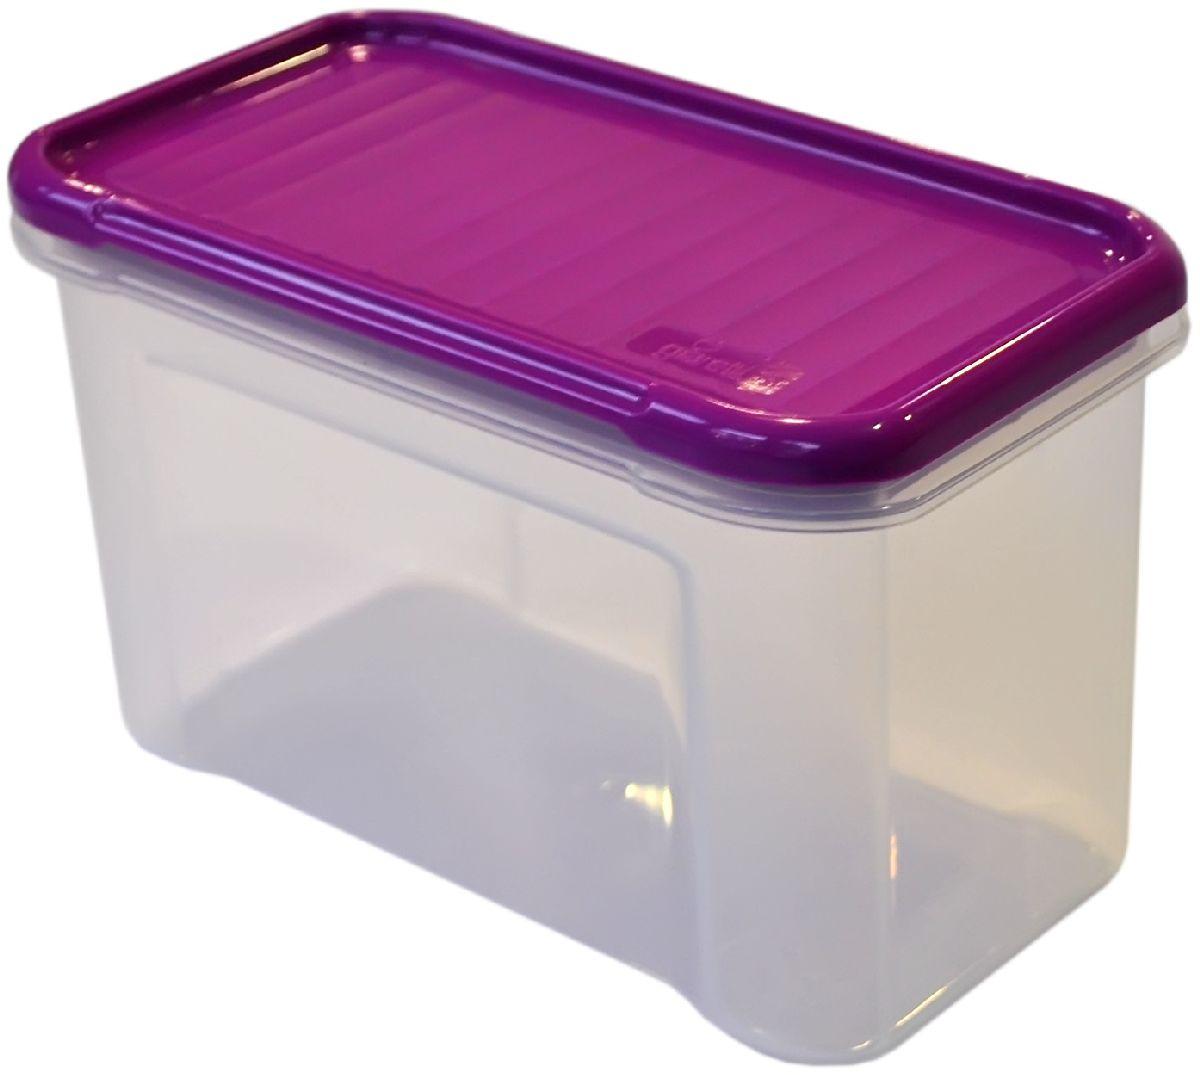 Банка для сыпучих продуктов Giaretti Krupa, цвет: черничный, прозрачный, 0,75 лVT-1520(SR)Банки для сыпучих продуктов предназначены для хранения круп, сахара, макаронных изделий, сладостей и т.п., в том числе для продуктов с ярким ароматом (специи и пр.). Строгая прямоугольная форма банок поможет Вам организовать пространство максимально комфортно, не теряя полезную площадь. При этом банки устанавливаются одна на другую, что способствует экономии пространства в Вашем шкафу. Плотная крышка не пропускает запахи, и они не смешиваются в Вашем шкафу. Благодаря разнообразным отверстиям в дозаторе, Вам будет удобно насыпать как мелкие, так и крупные сыпучие продукты, что сделает процесс приготовления пищи проще.